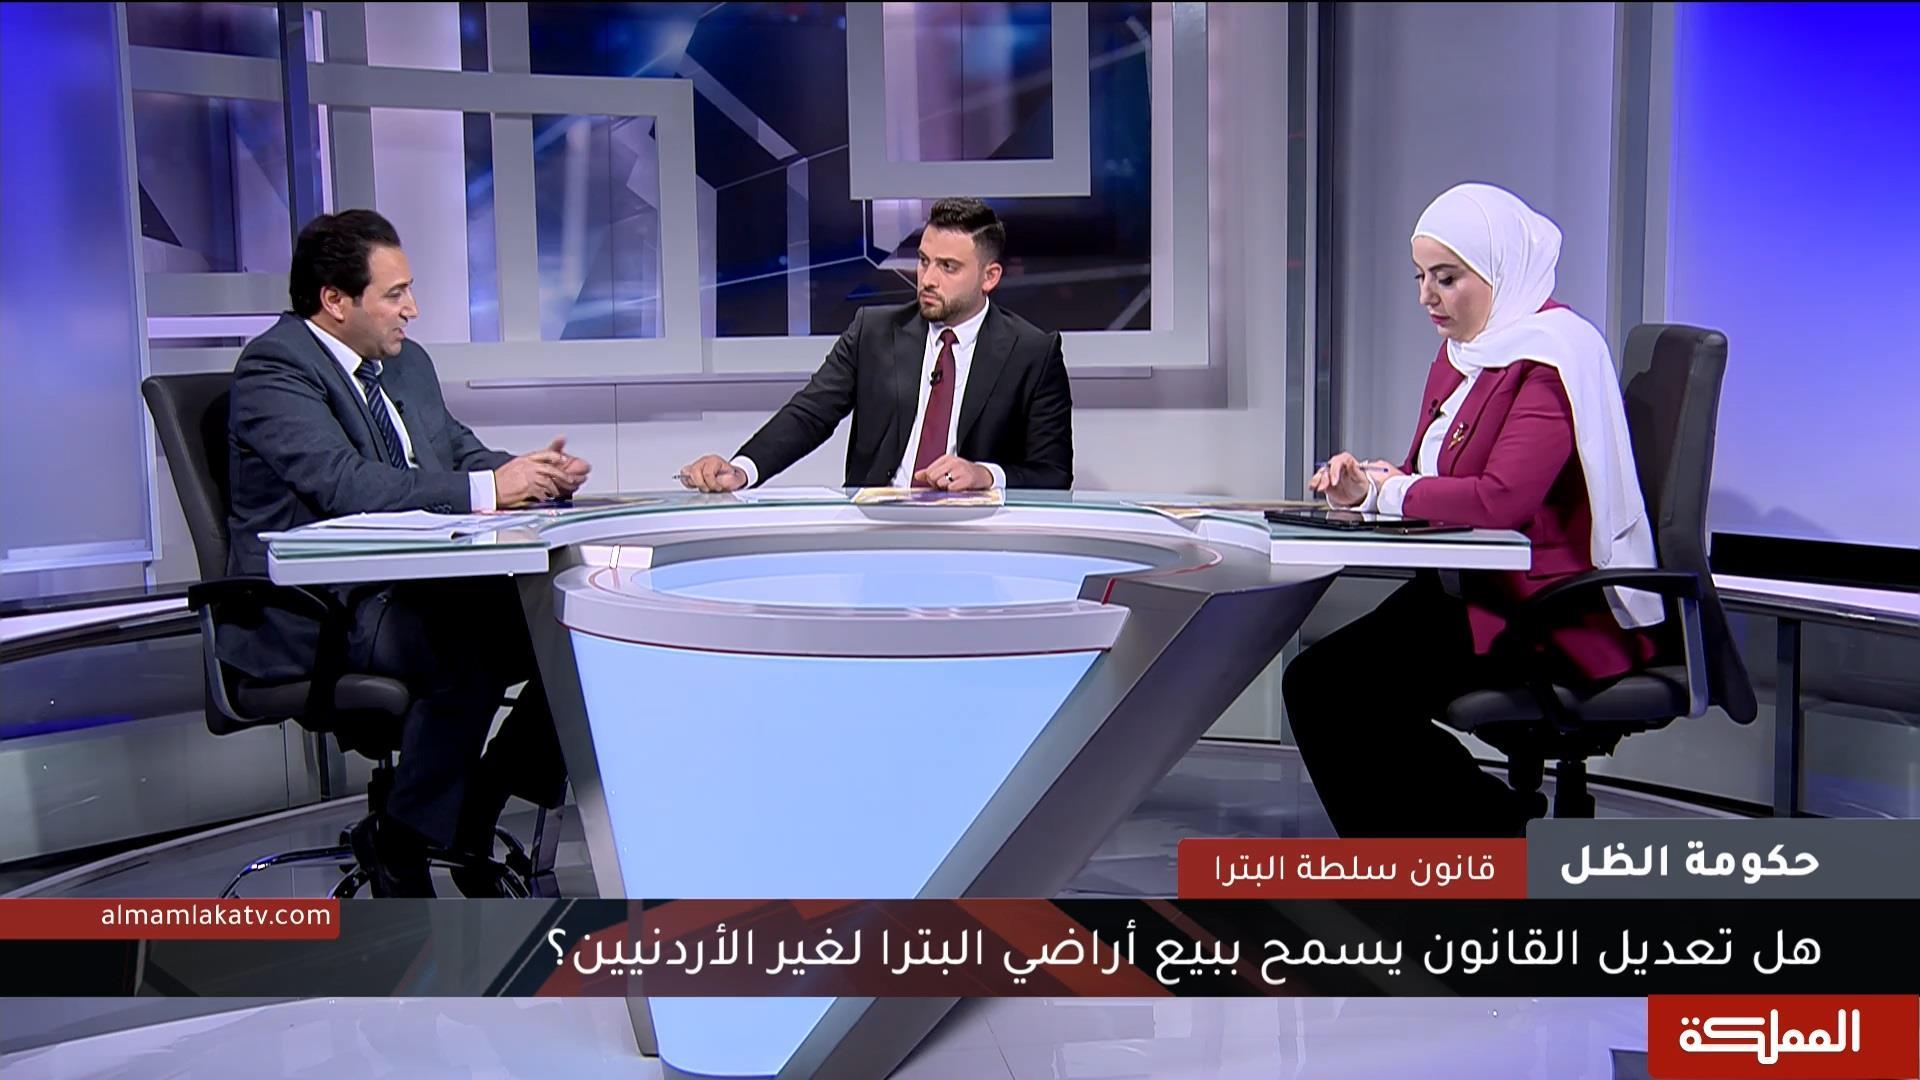 حكومة الظل | هل تعديل القانون يسمح ببيع أراضي البترا لغير الأردنيين؟